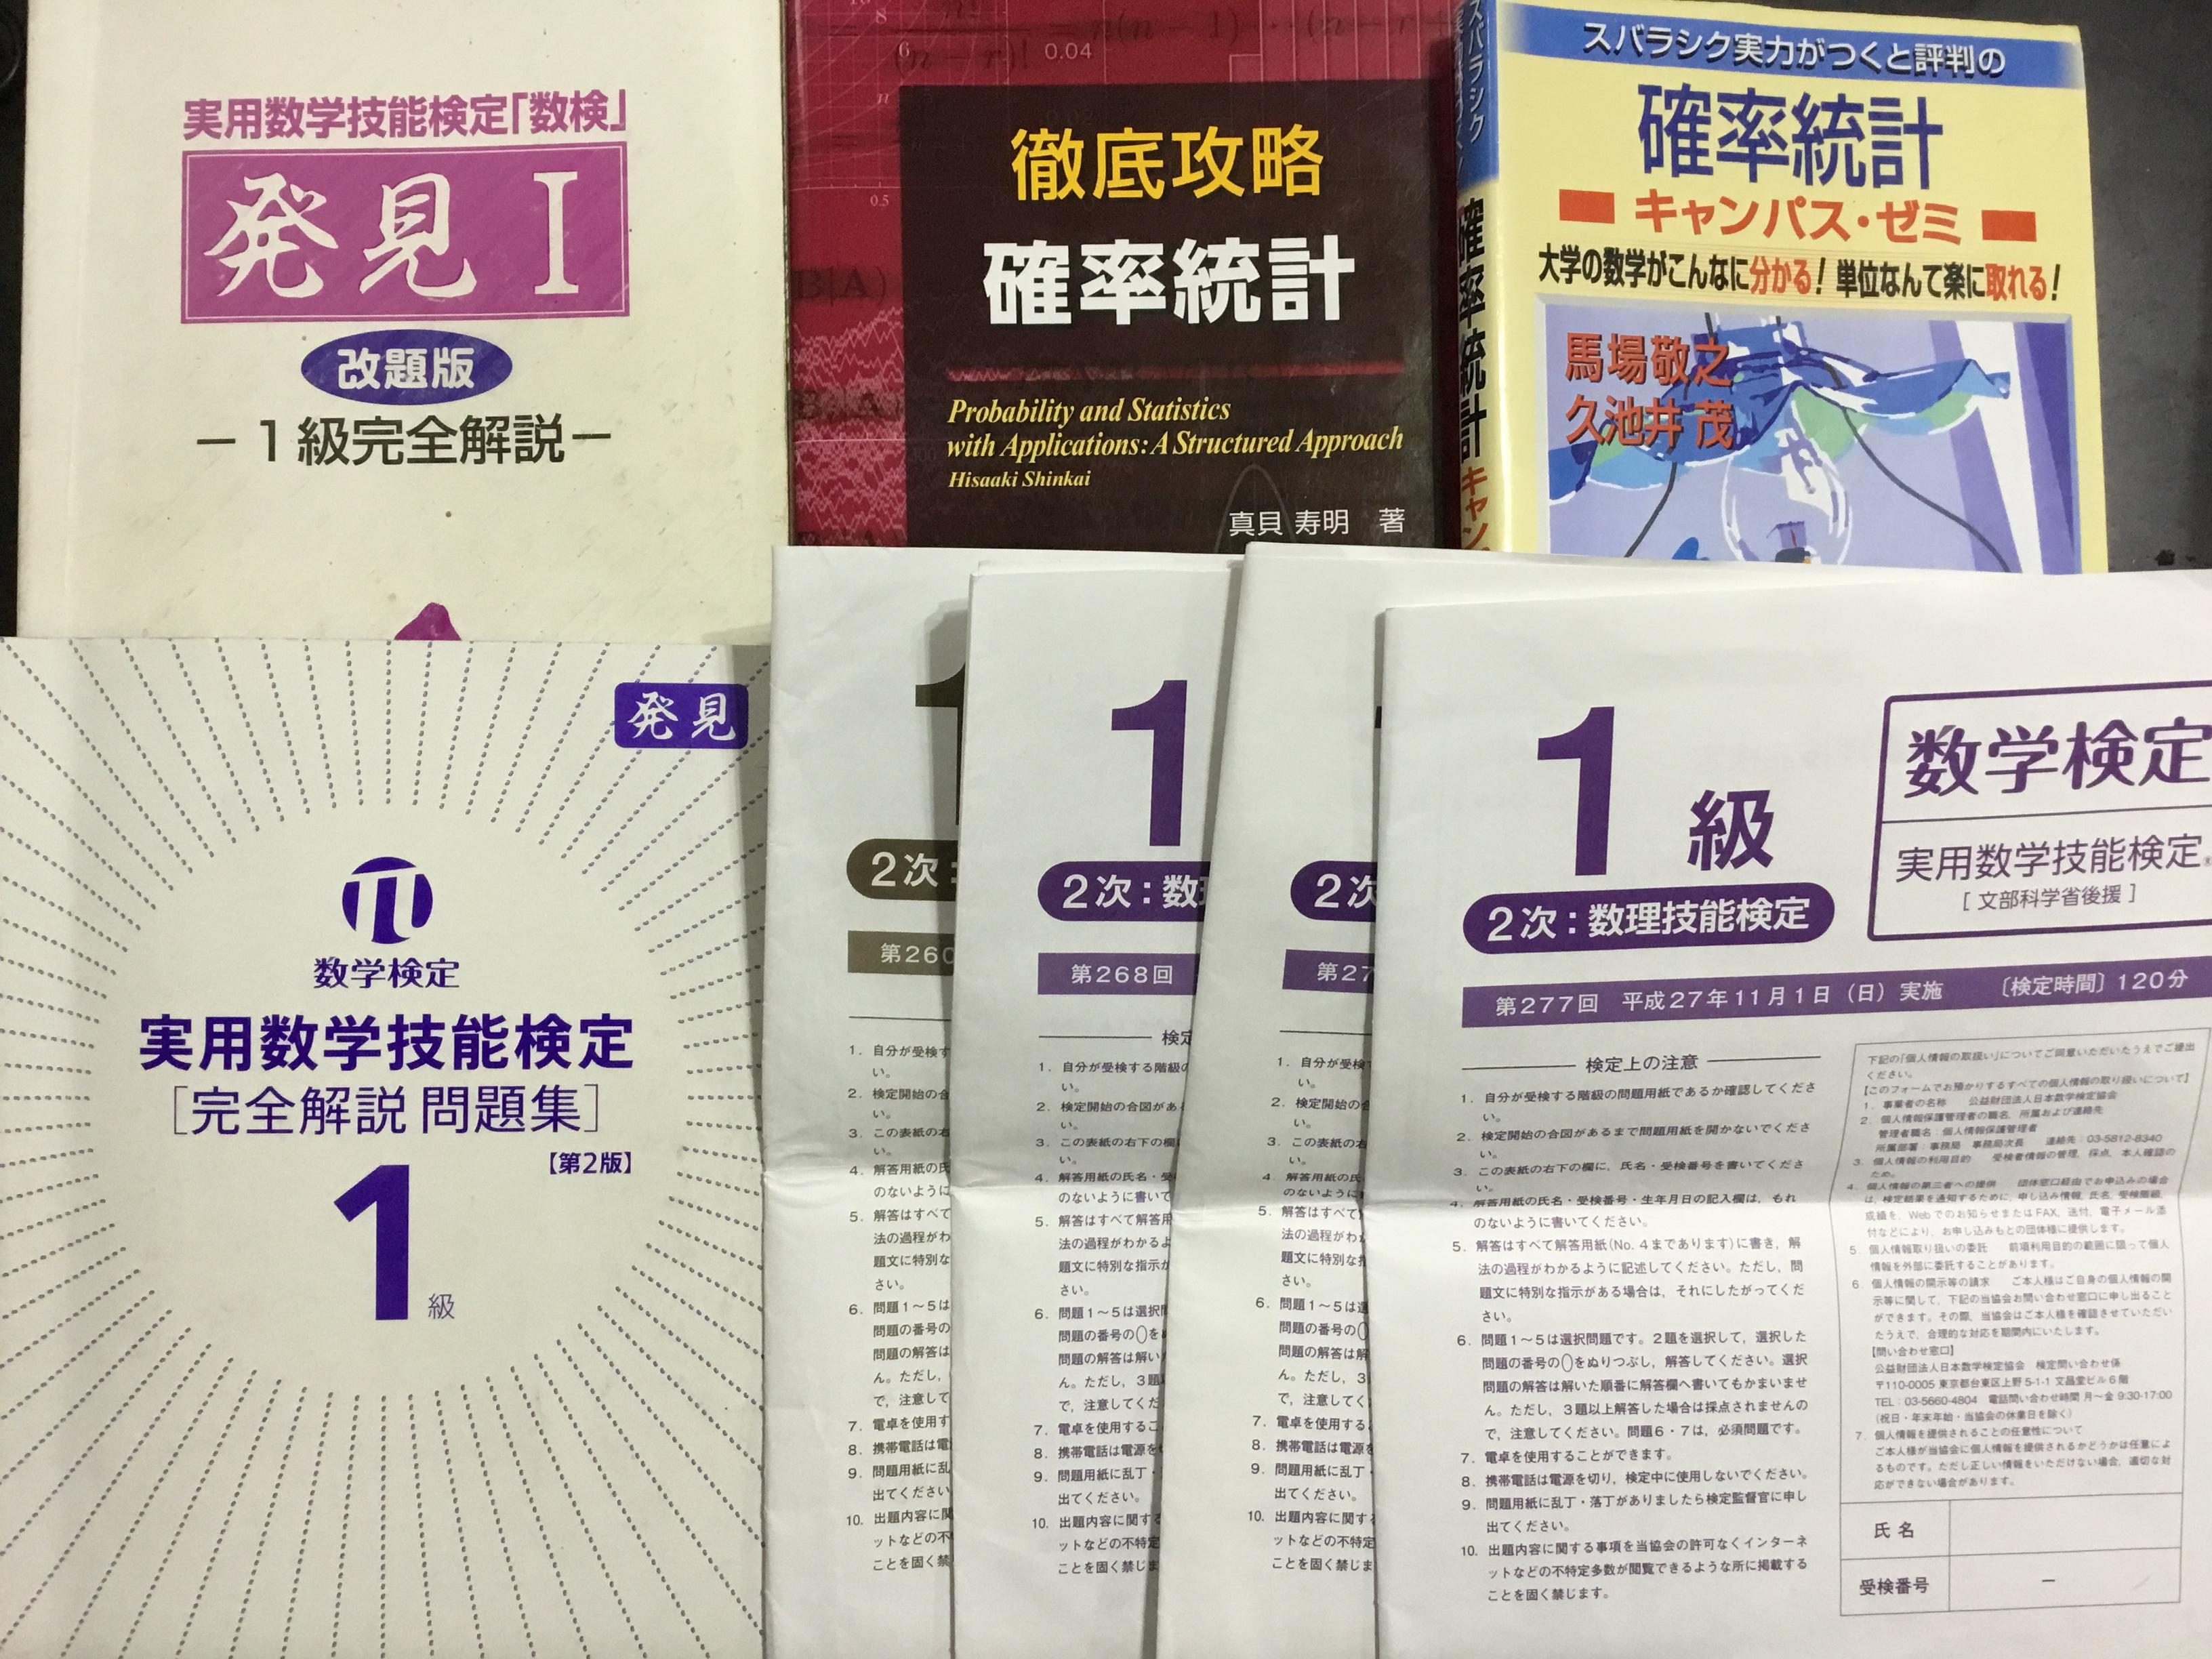 数学検定1級2次対策の教材、参考書、問題集